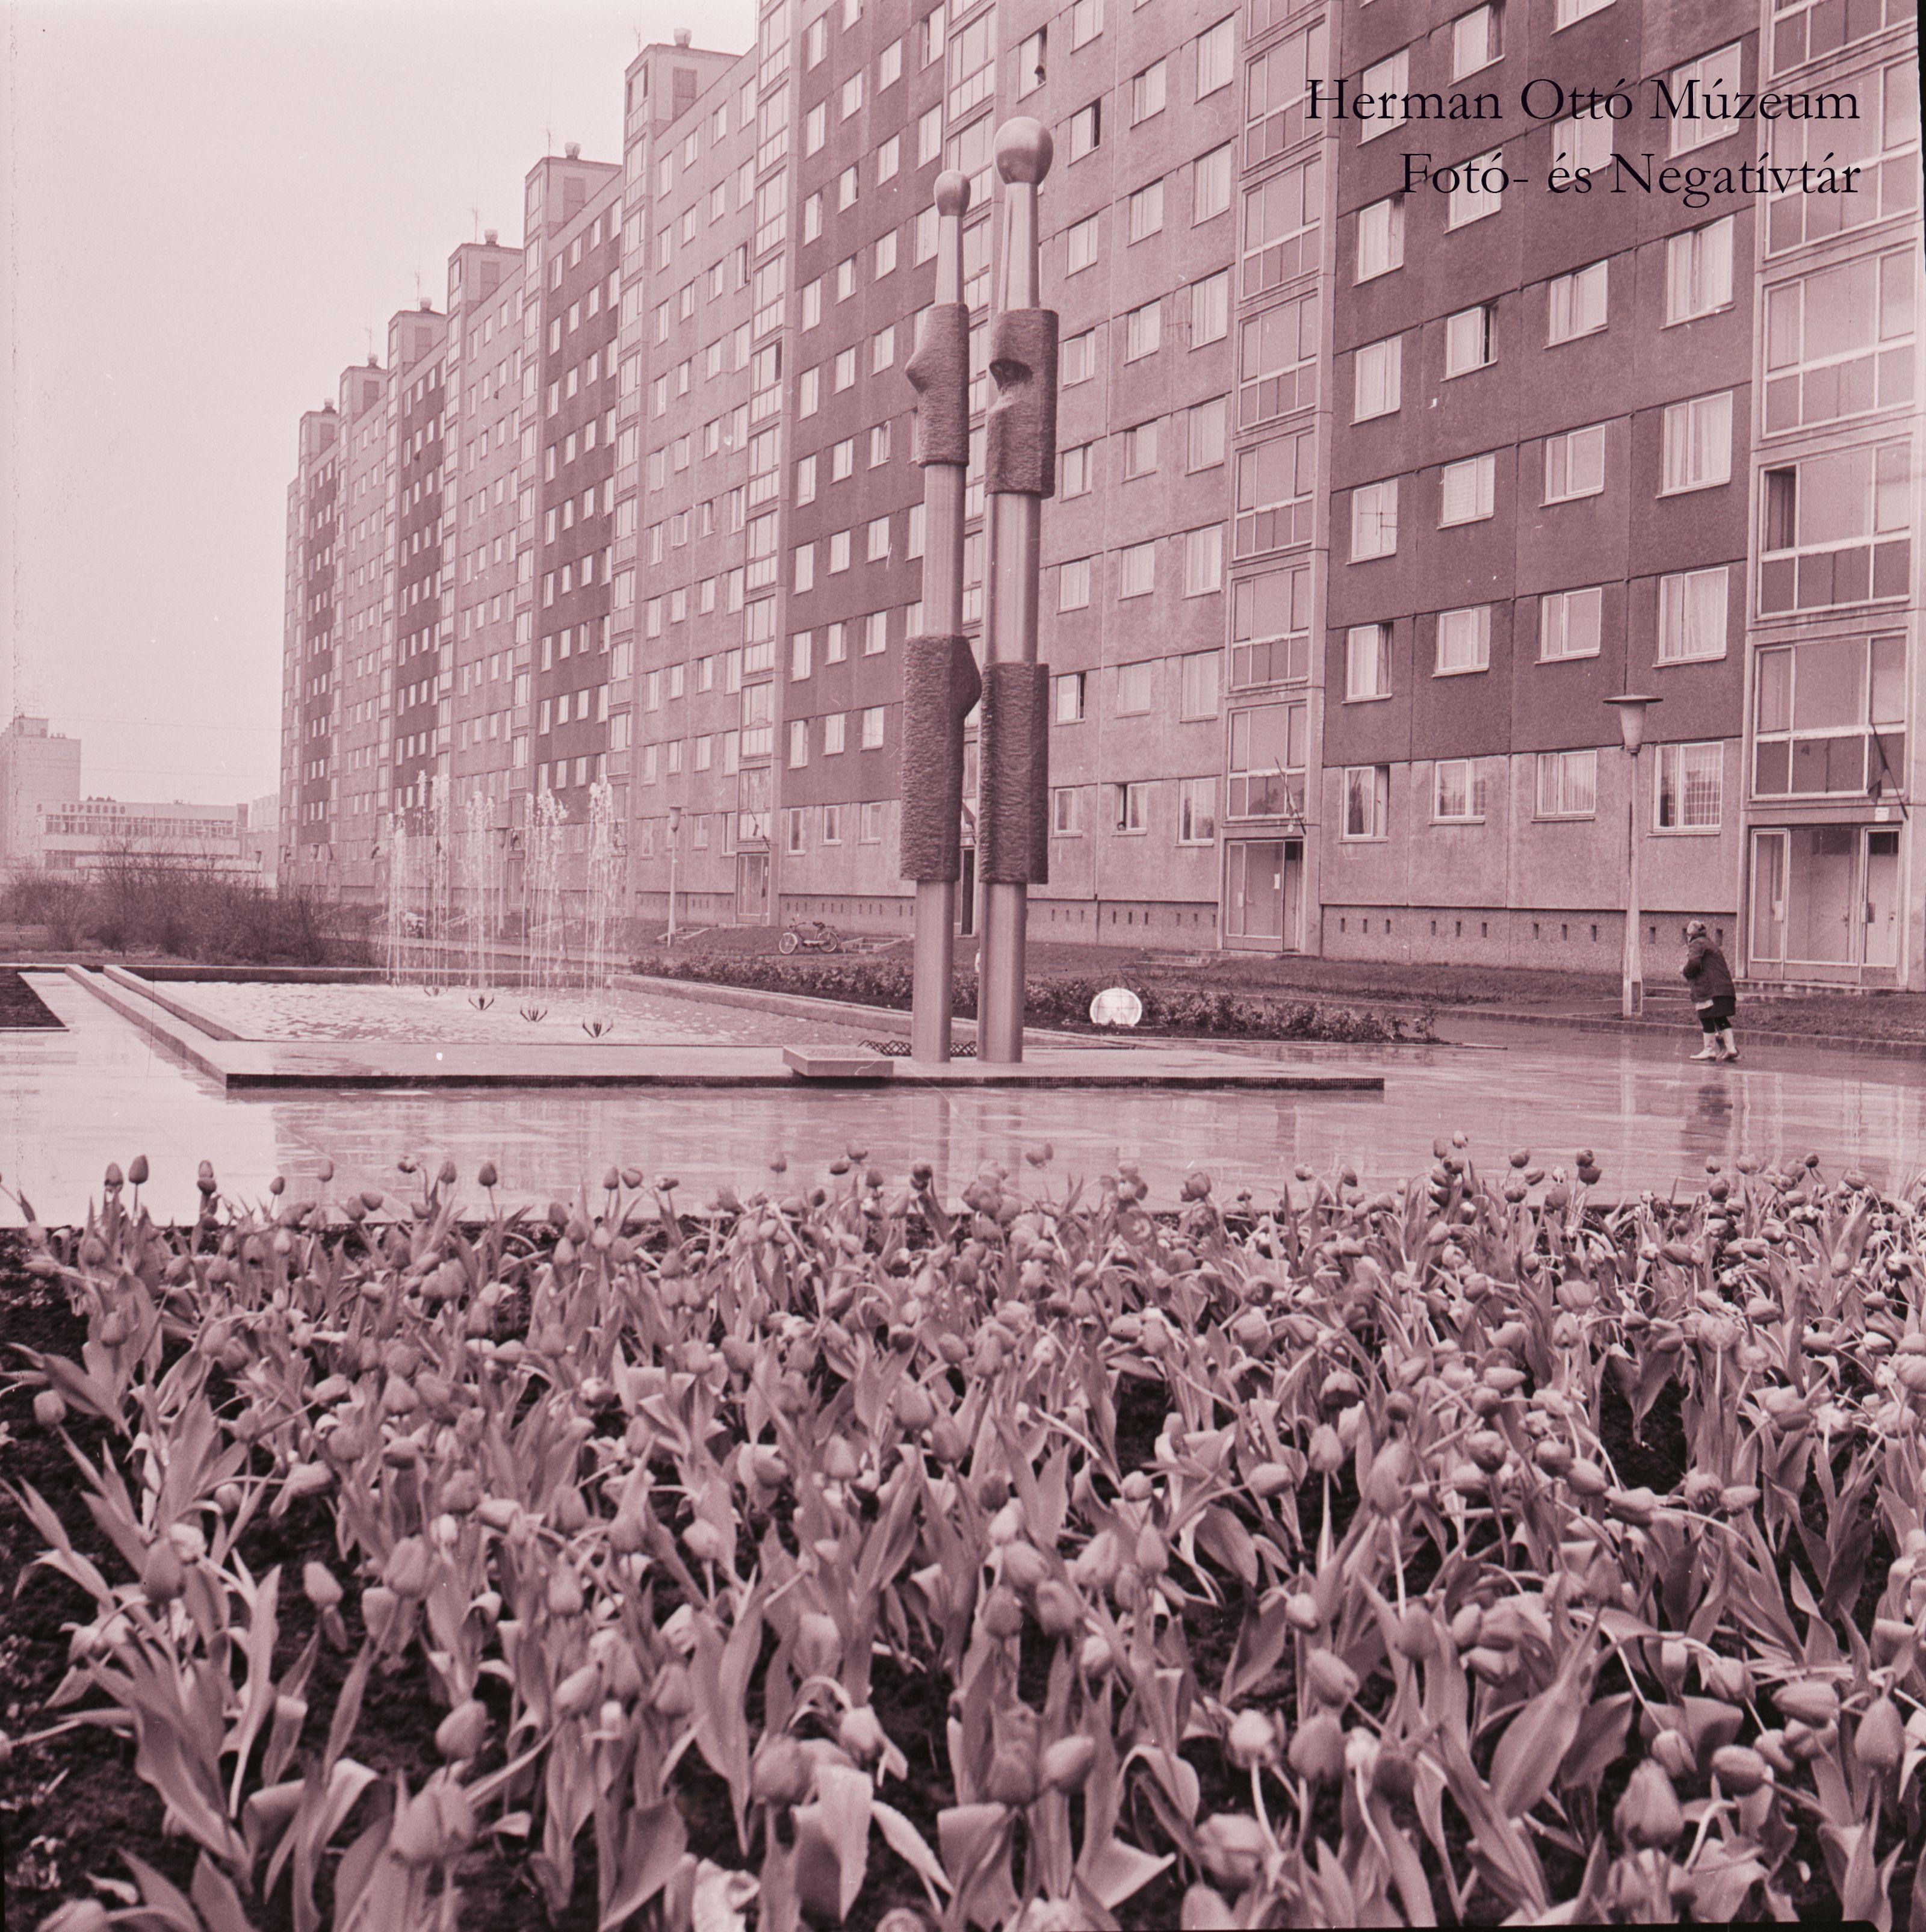 Herman Ottó Múzeum Fotó- és Negatívtára. Emberpár térplasztika a Győri kapui lakótelepen. Laczó József, 1975. április 3. Leltári szám: HOM_FN_69709